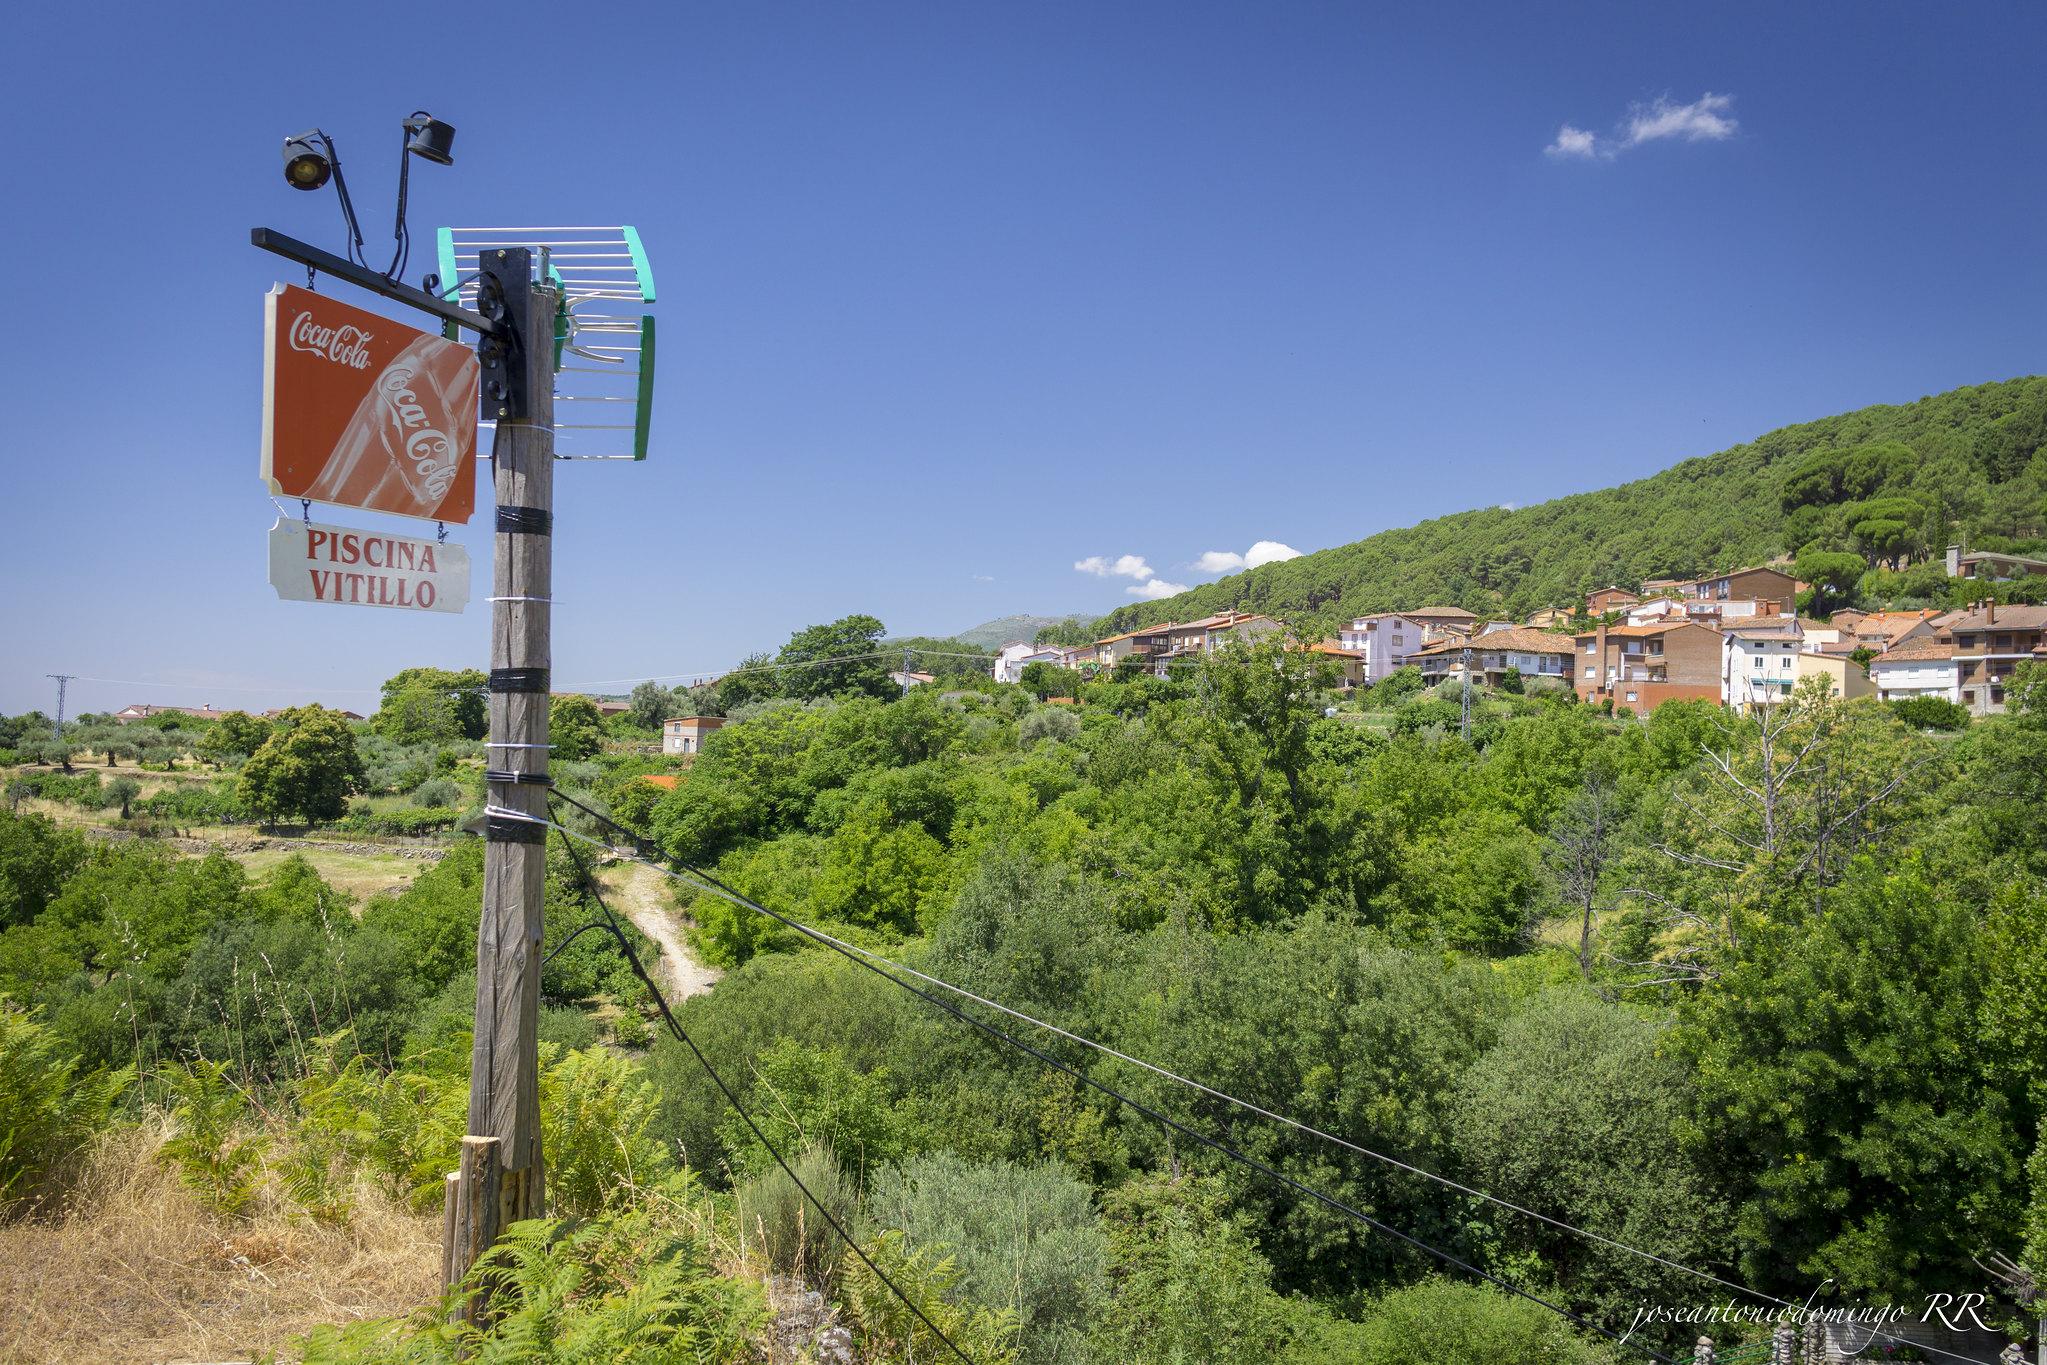 En la AV-P-706, nada más pasar el casco urbano de Villarejo del Valle y en la garganta del Prado de Tablada, se encuentra la piscina natural Vitillo.